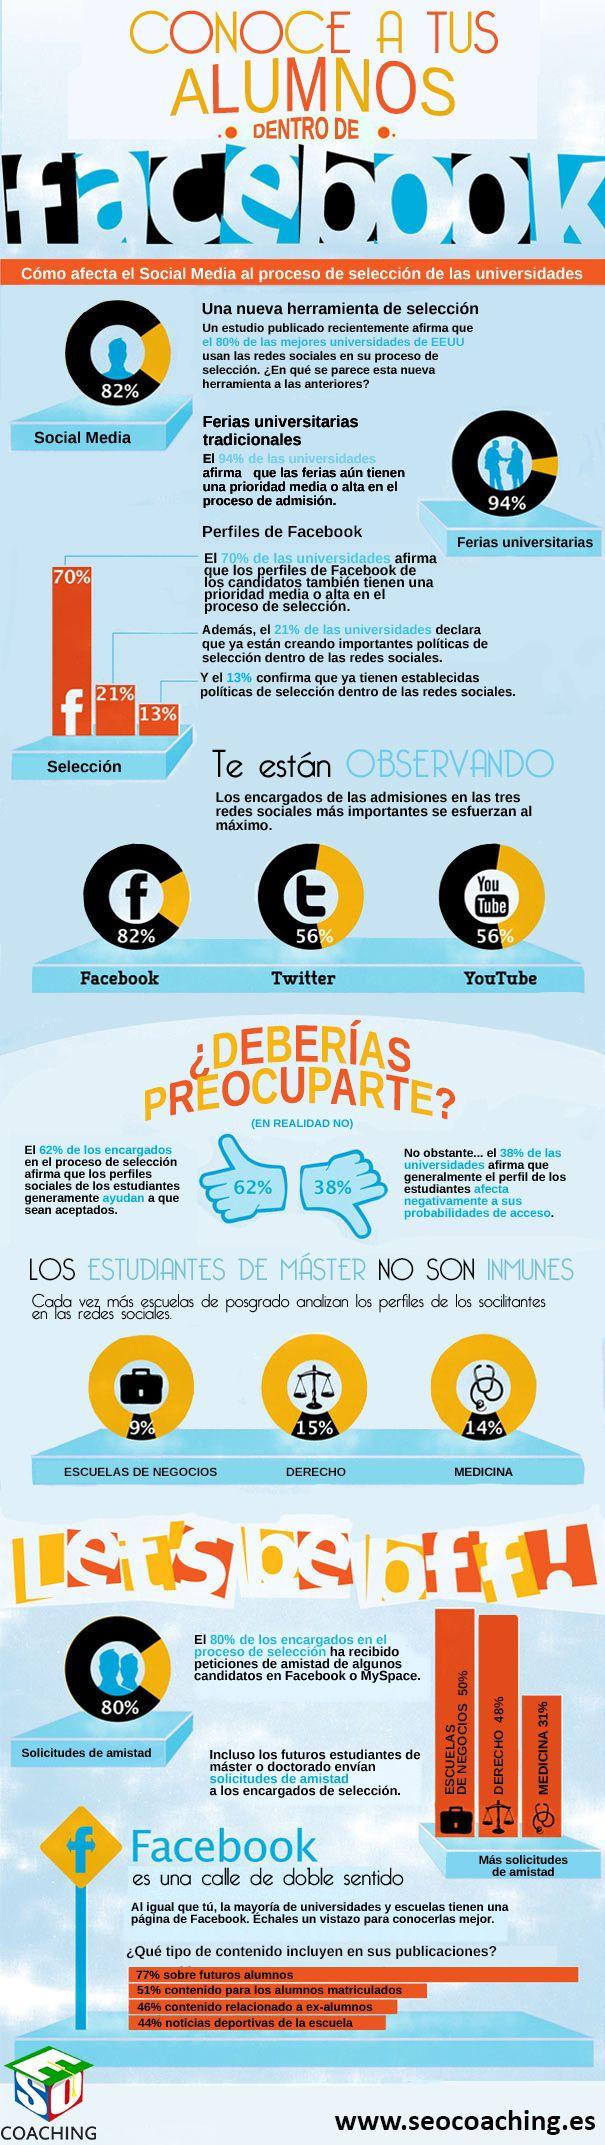 Conoce A Tus Alumnos Dentro De FaceBook #infografia #infographic # Socialmedia #education